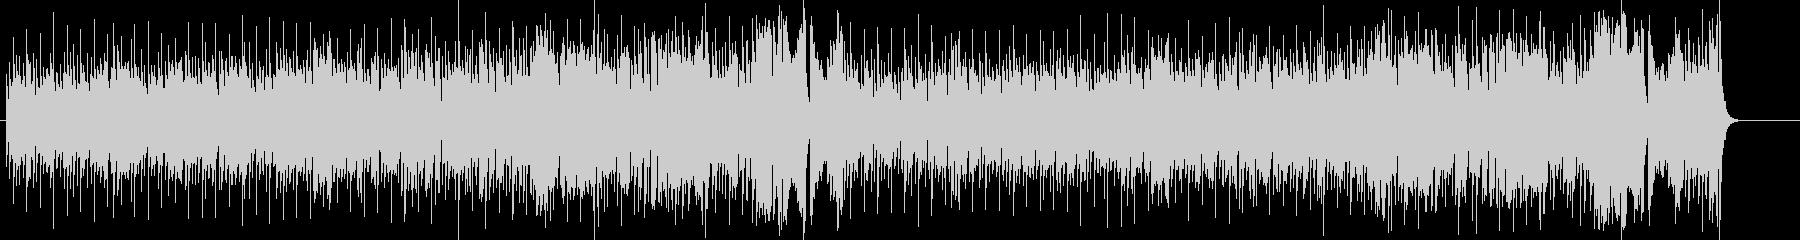 ルーズなR&B/ポップの未再生の波形